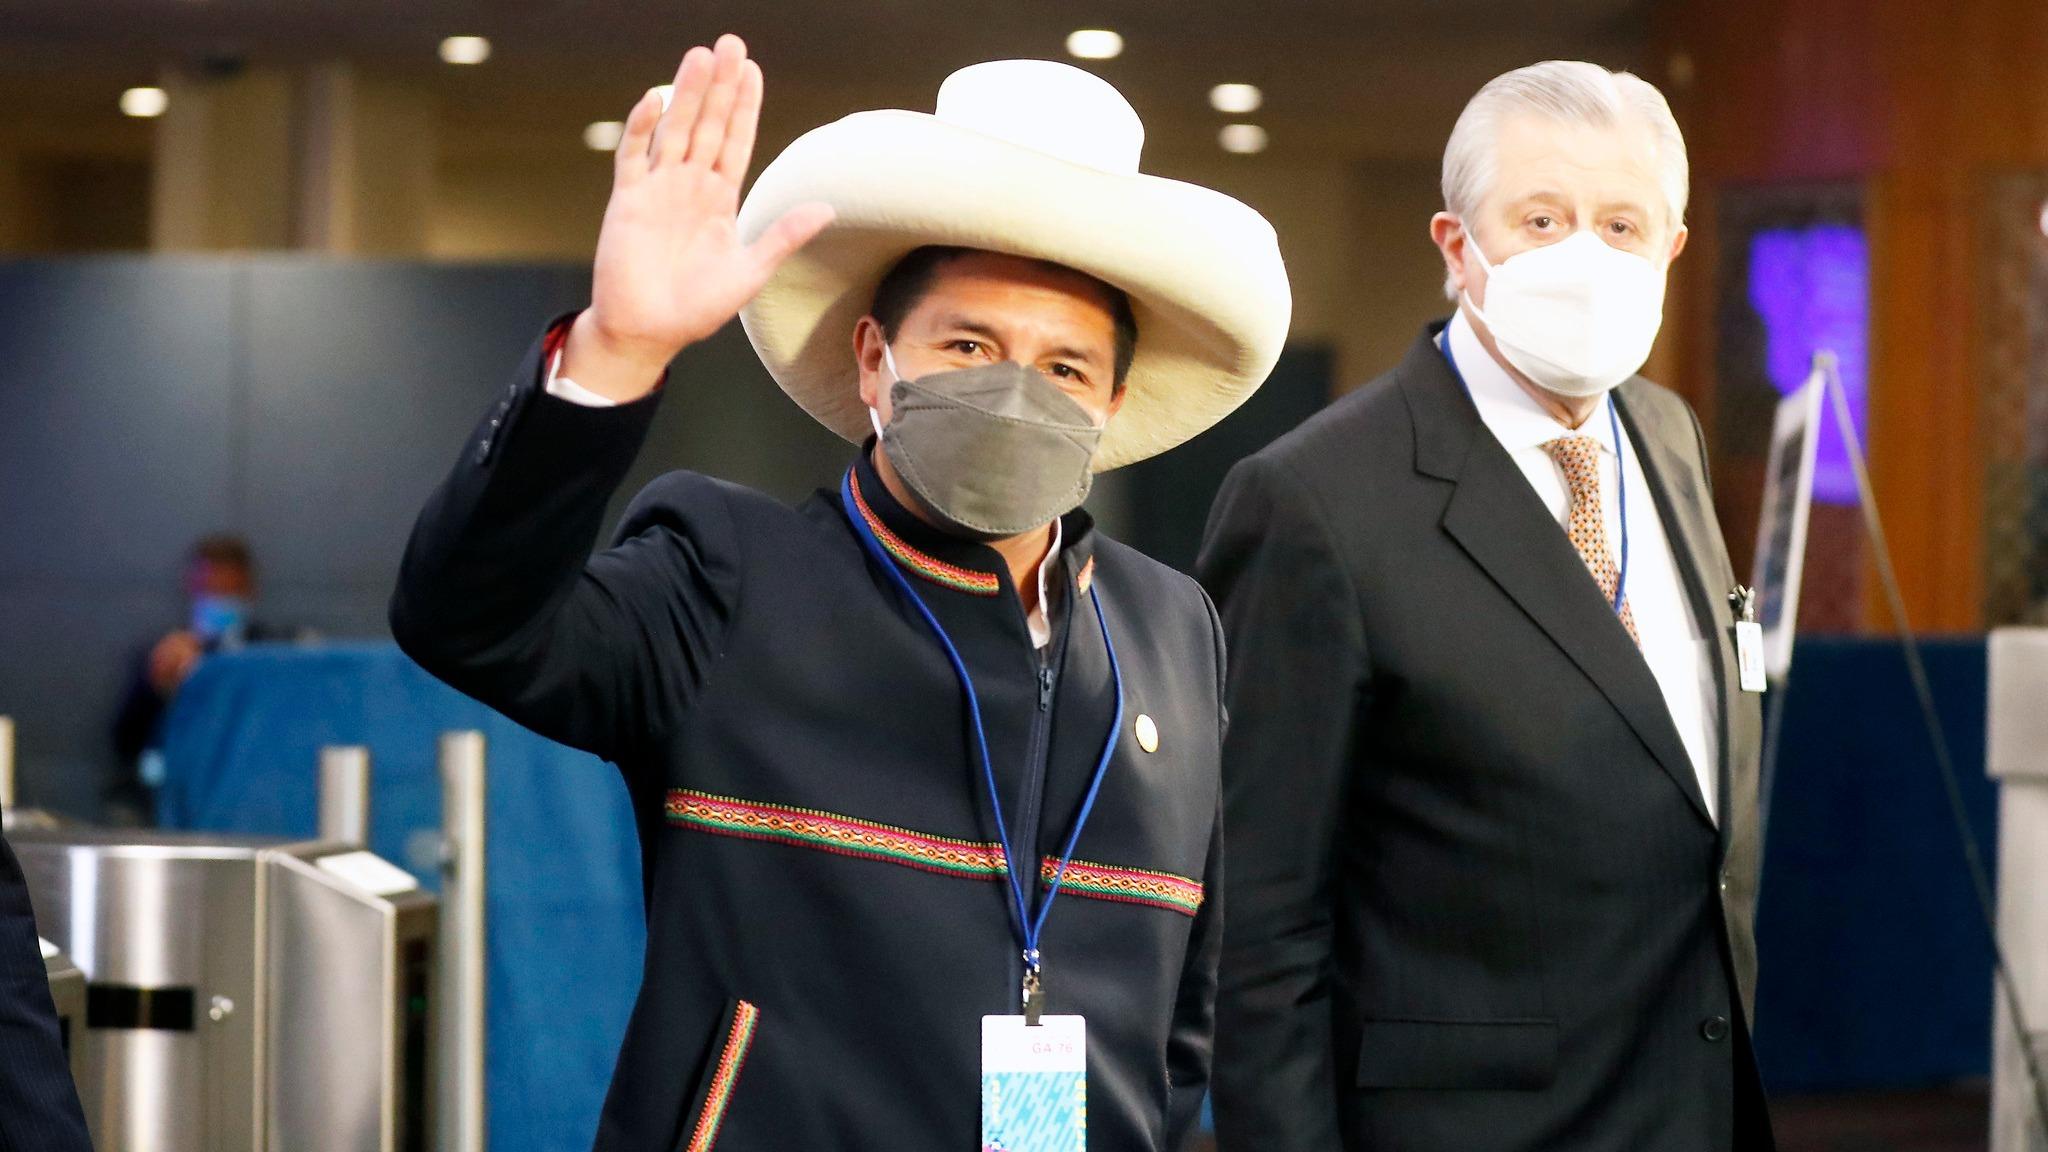 El presidente de la República, Pedro Castillo, asistió a la Asamblea General de las Naciones Unidas.